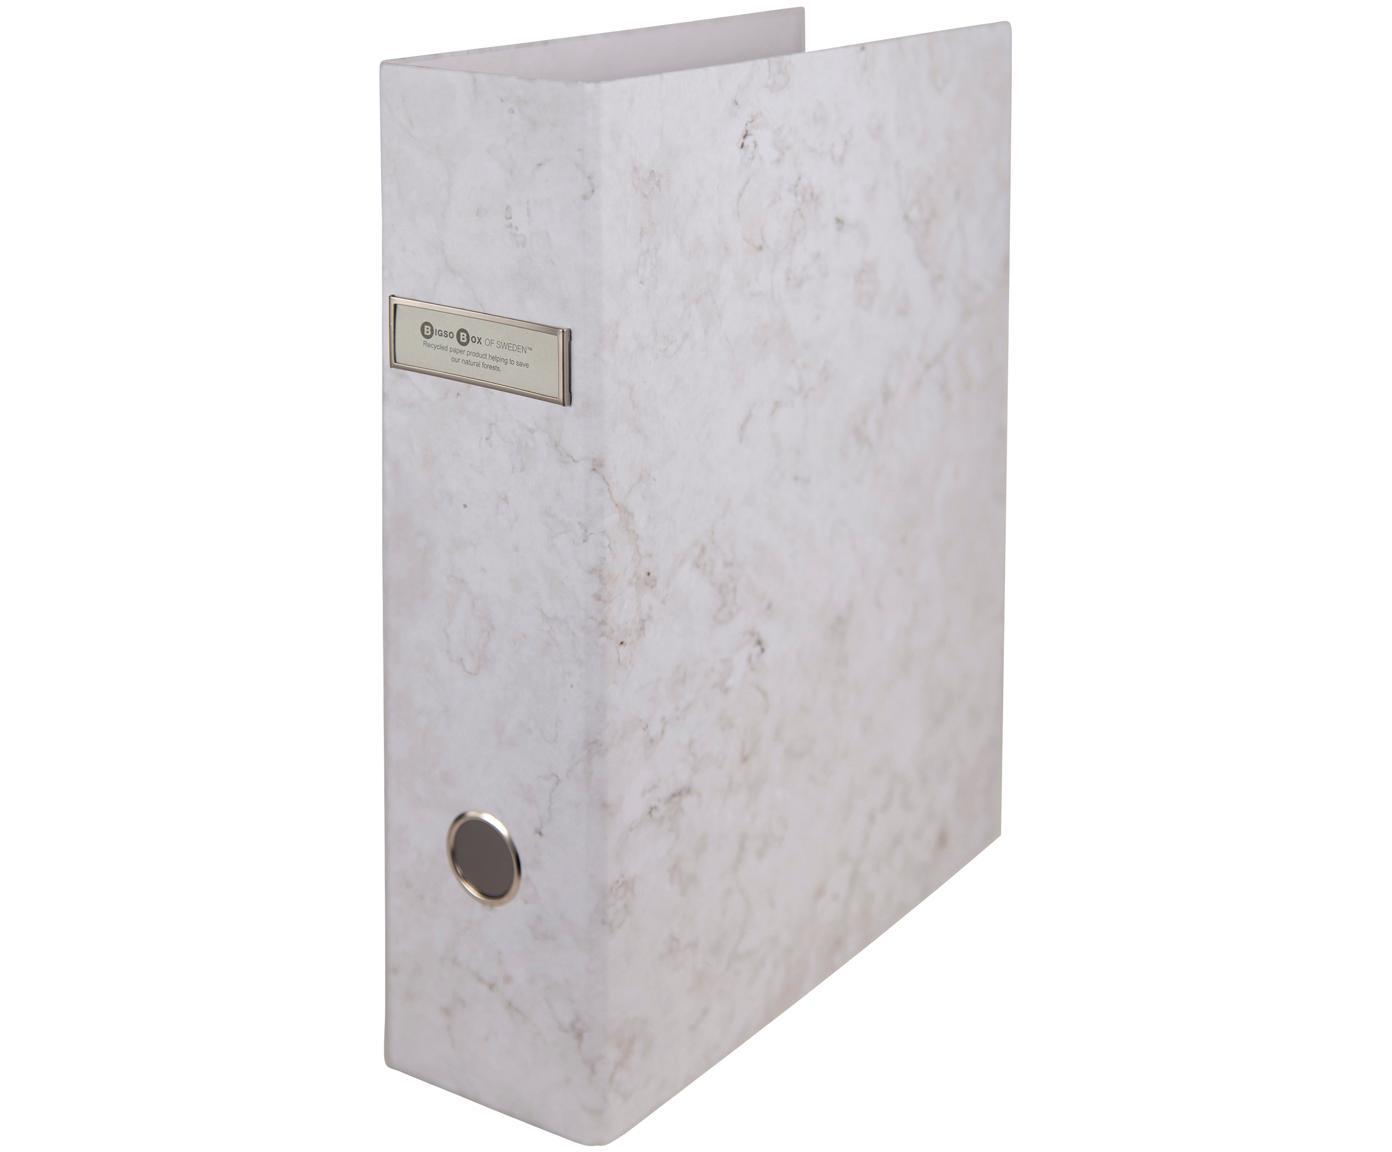 Cartella portadocumenti Archie, 2 pz, Bianco, marmorizzato, L 29 x A 32 cm